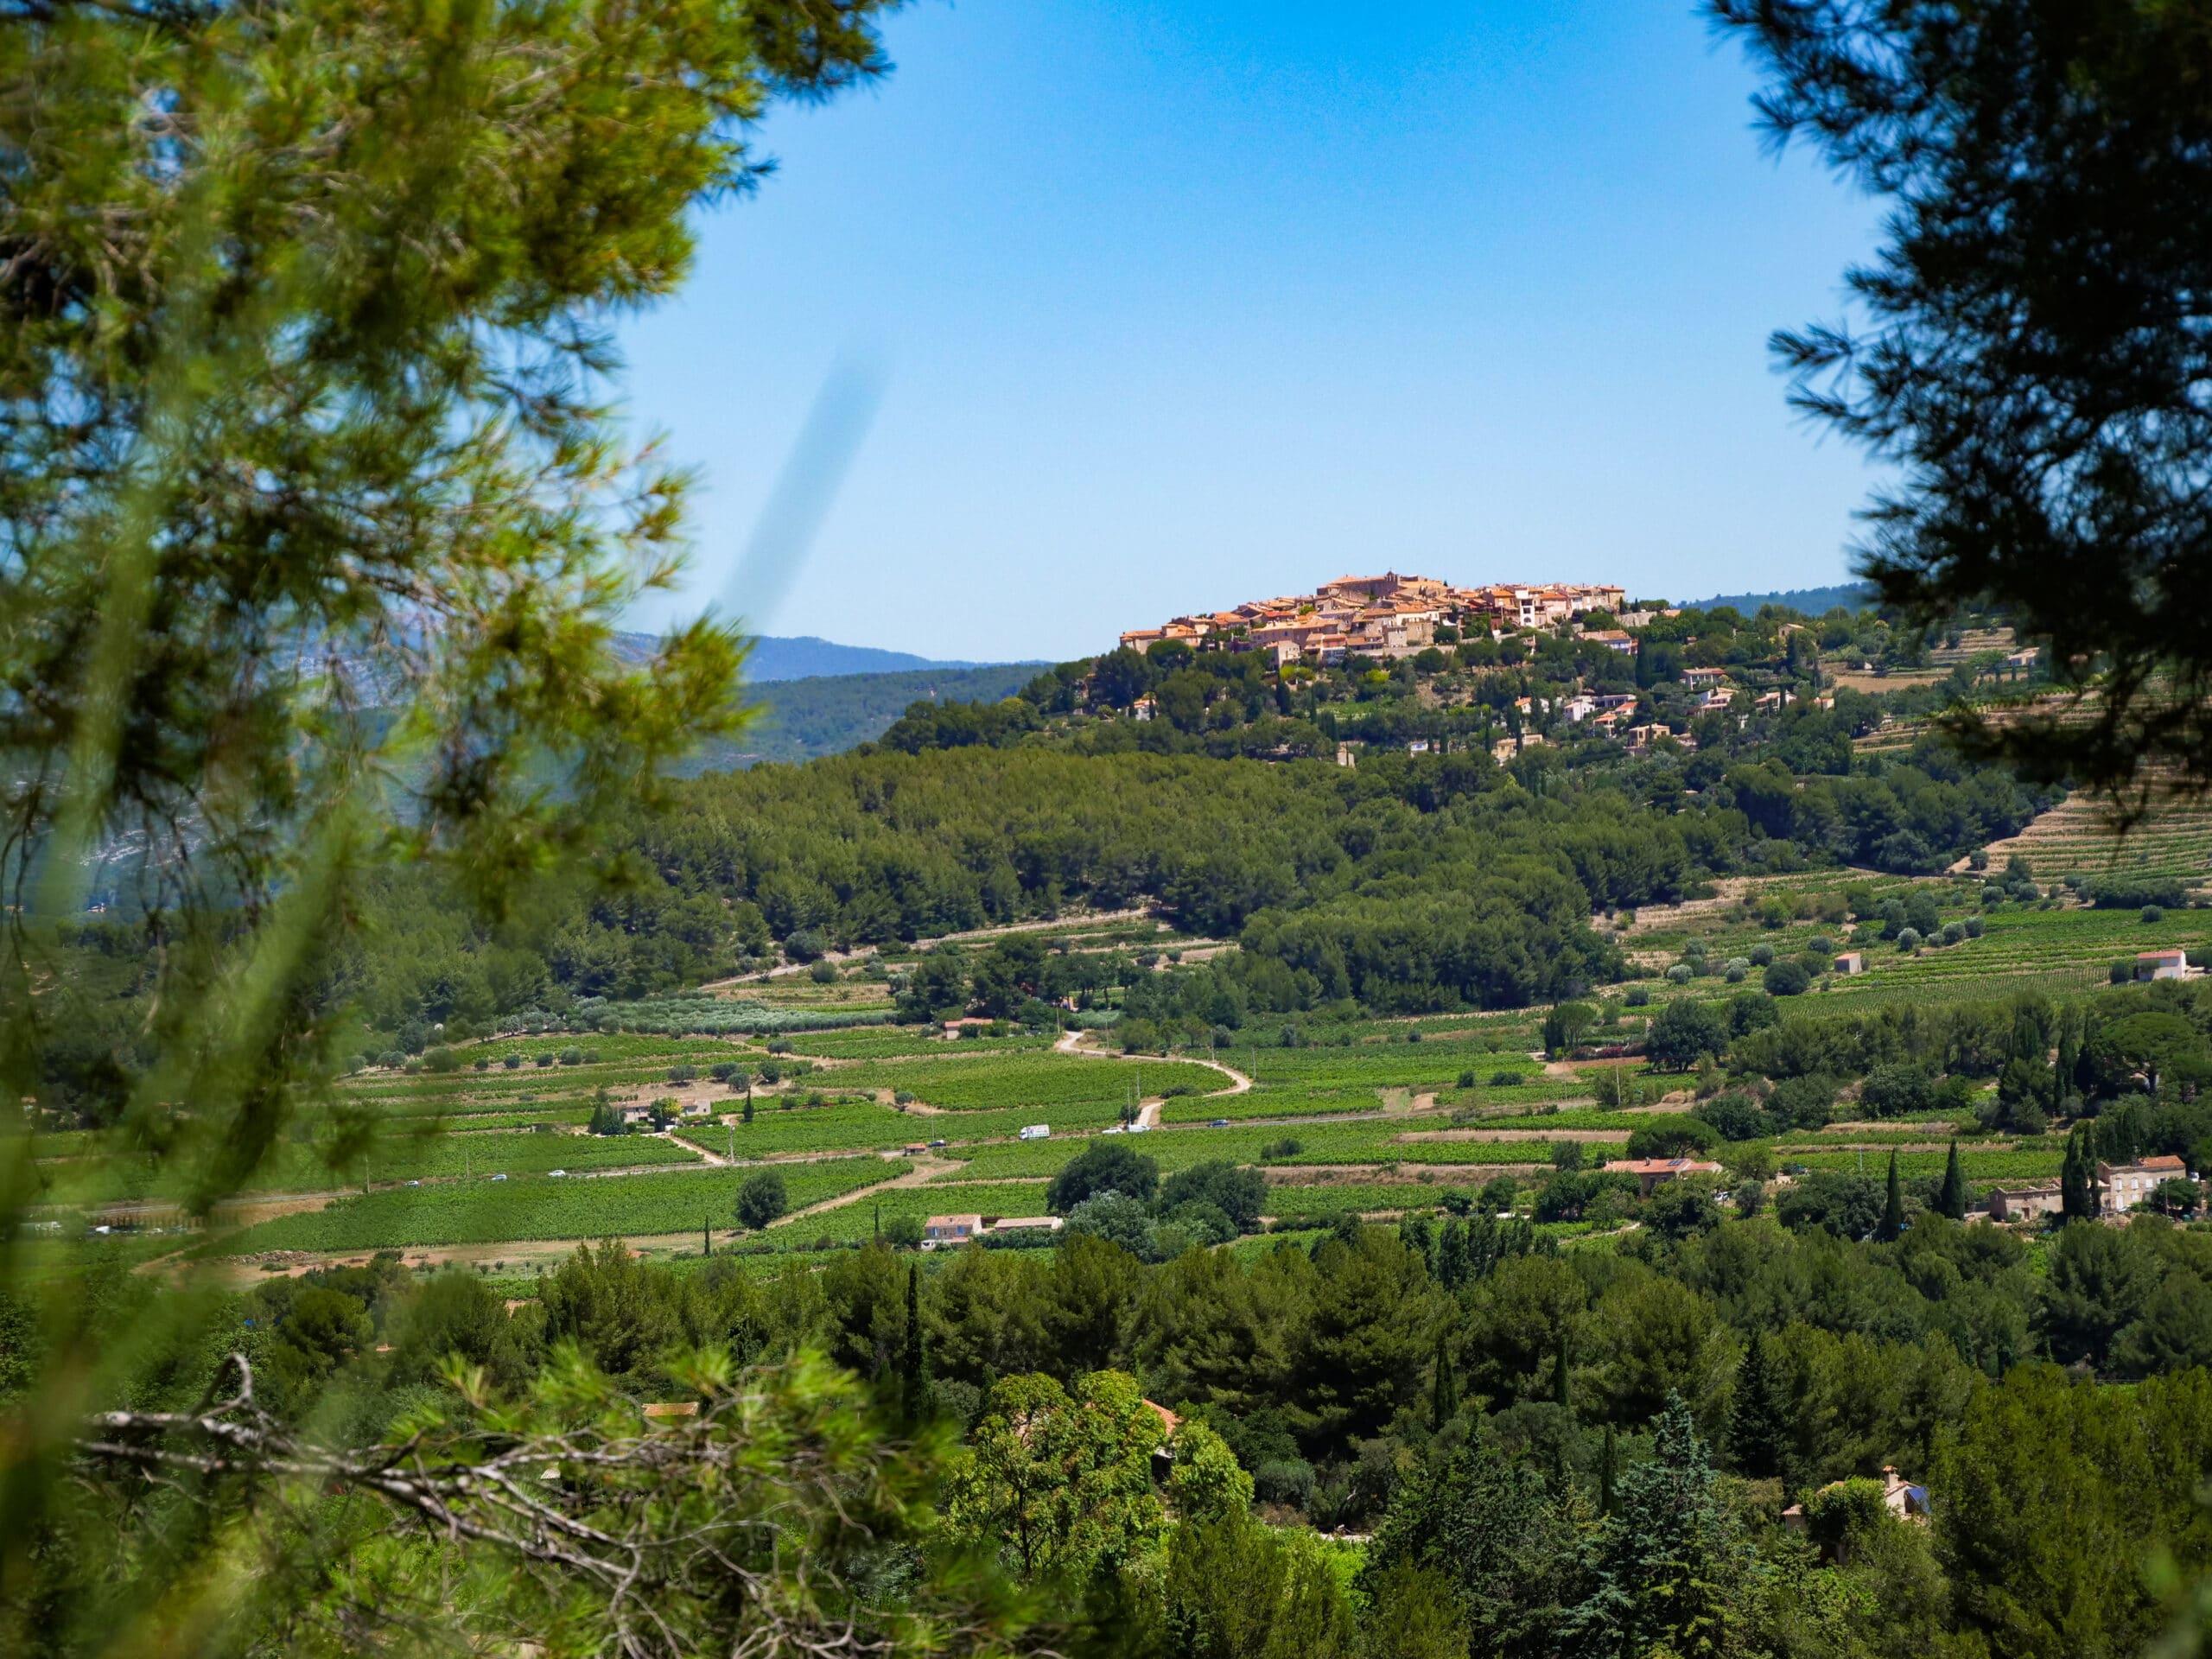 Vue sur le village médiéval du Castellet depuis La Cadière